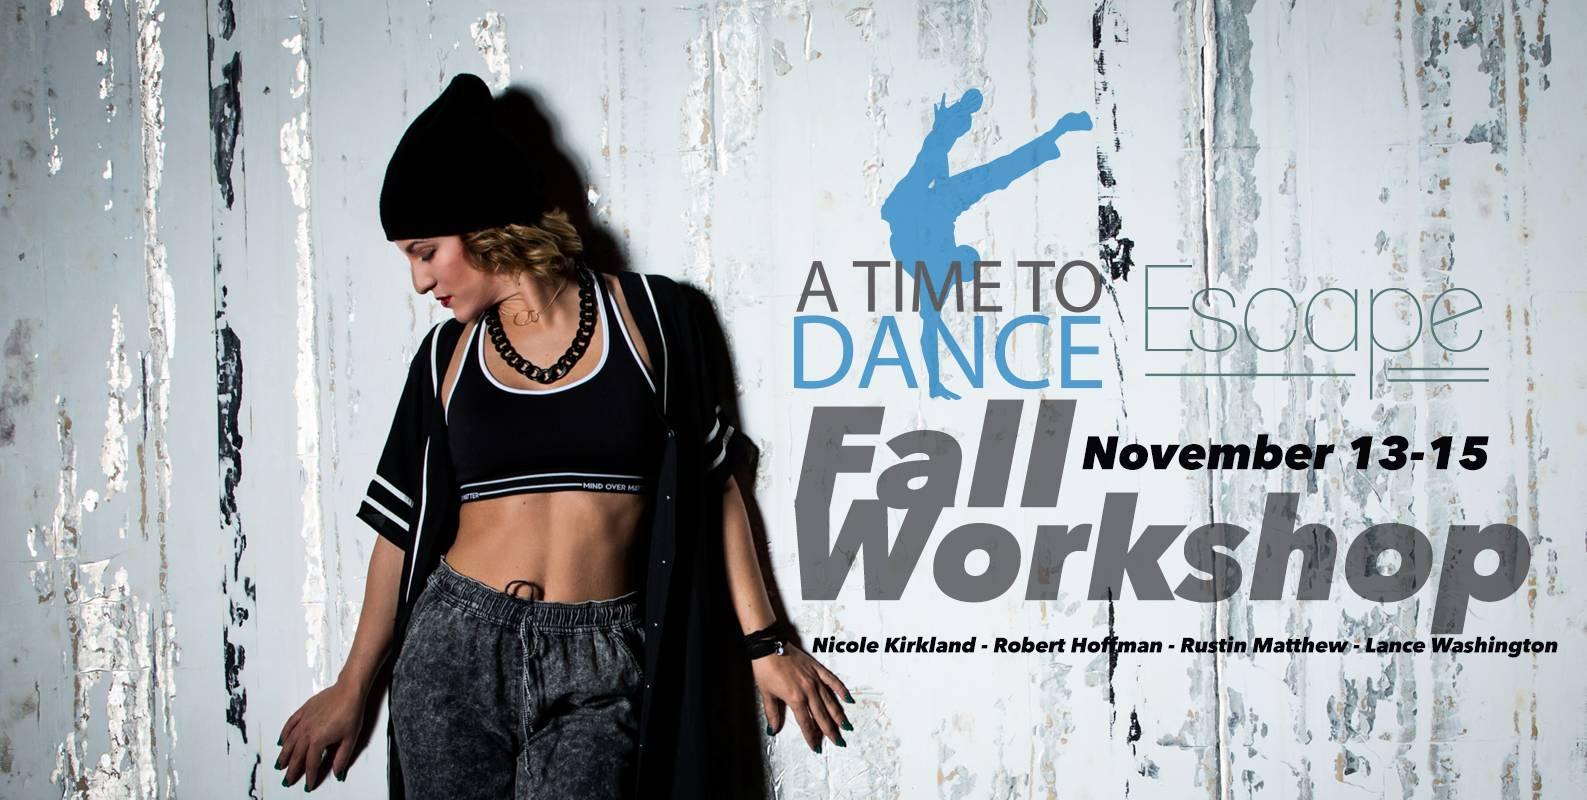 Fall Workshop Registration